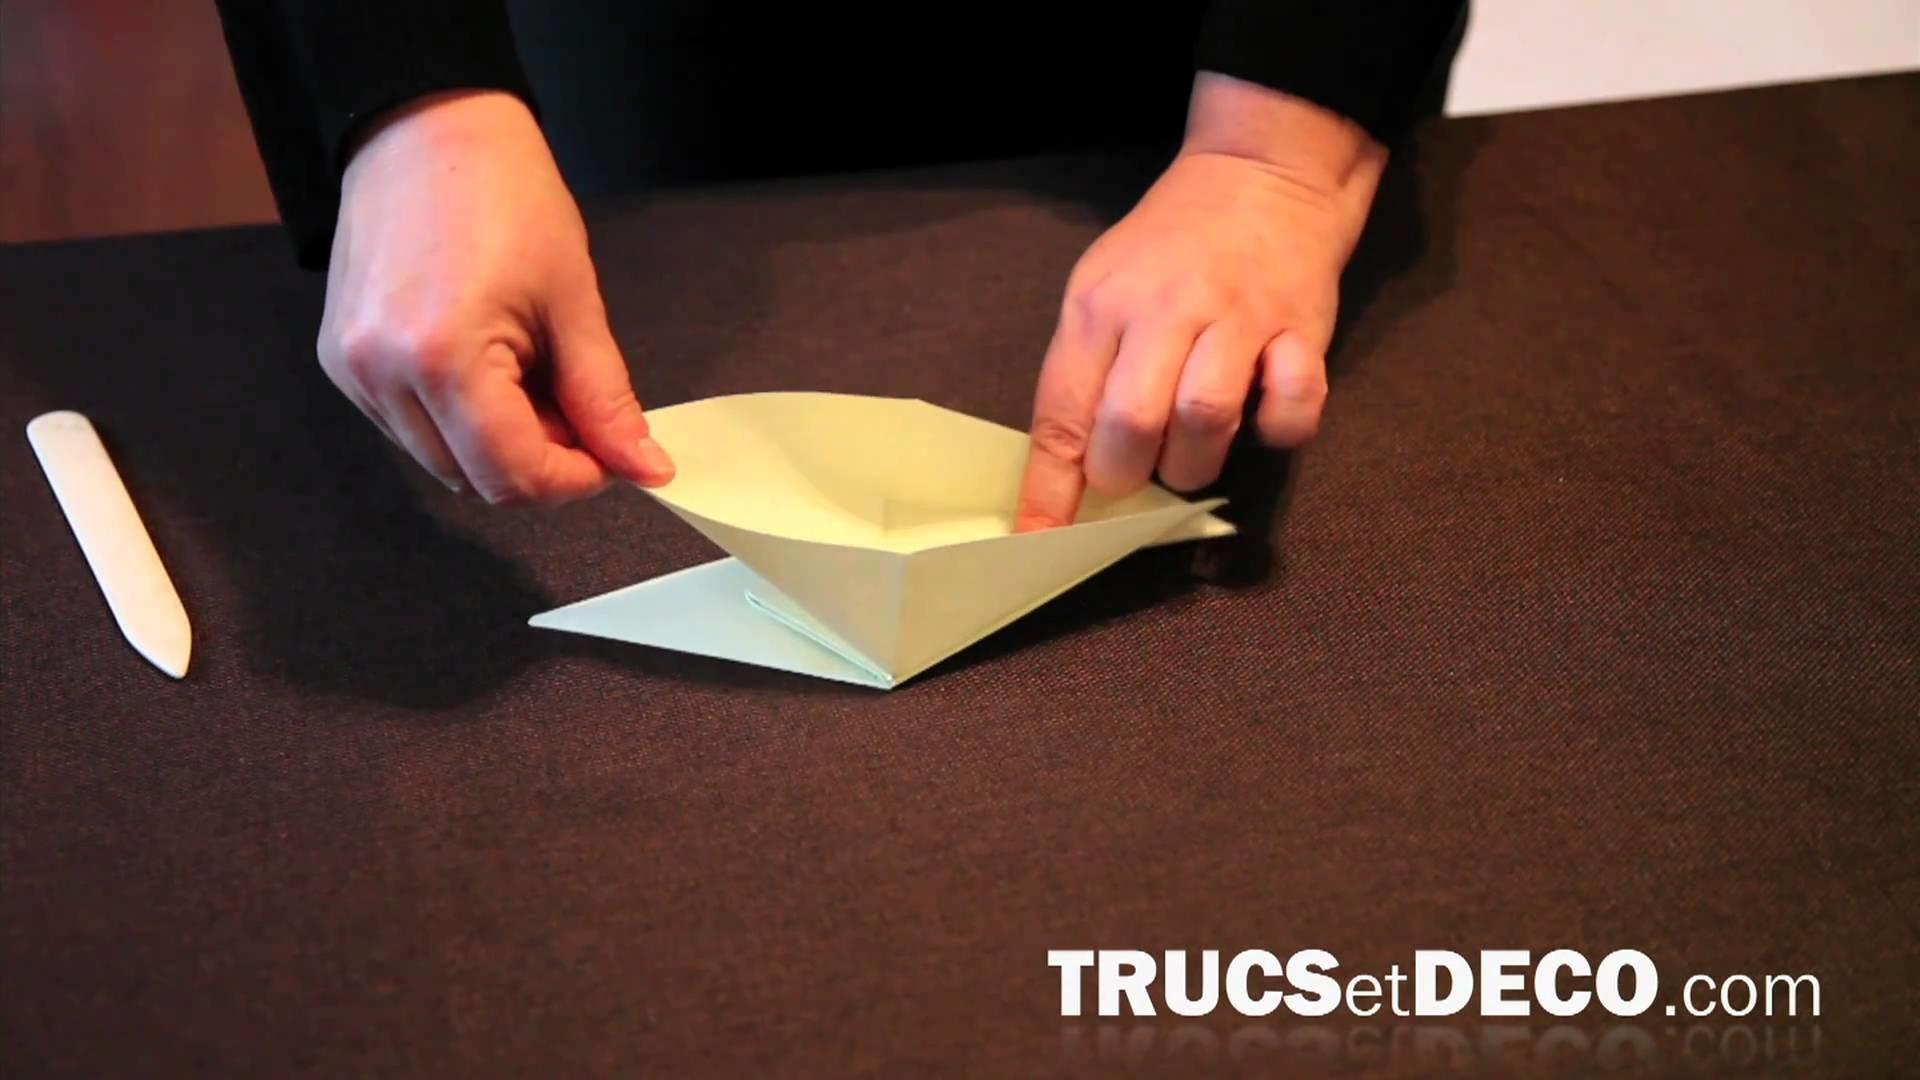 Faire une grue japonaise en origami - Tutoriel par trucsetdeco.com